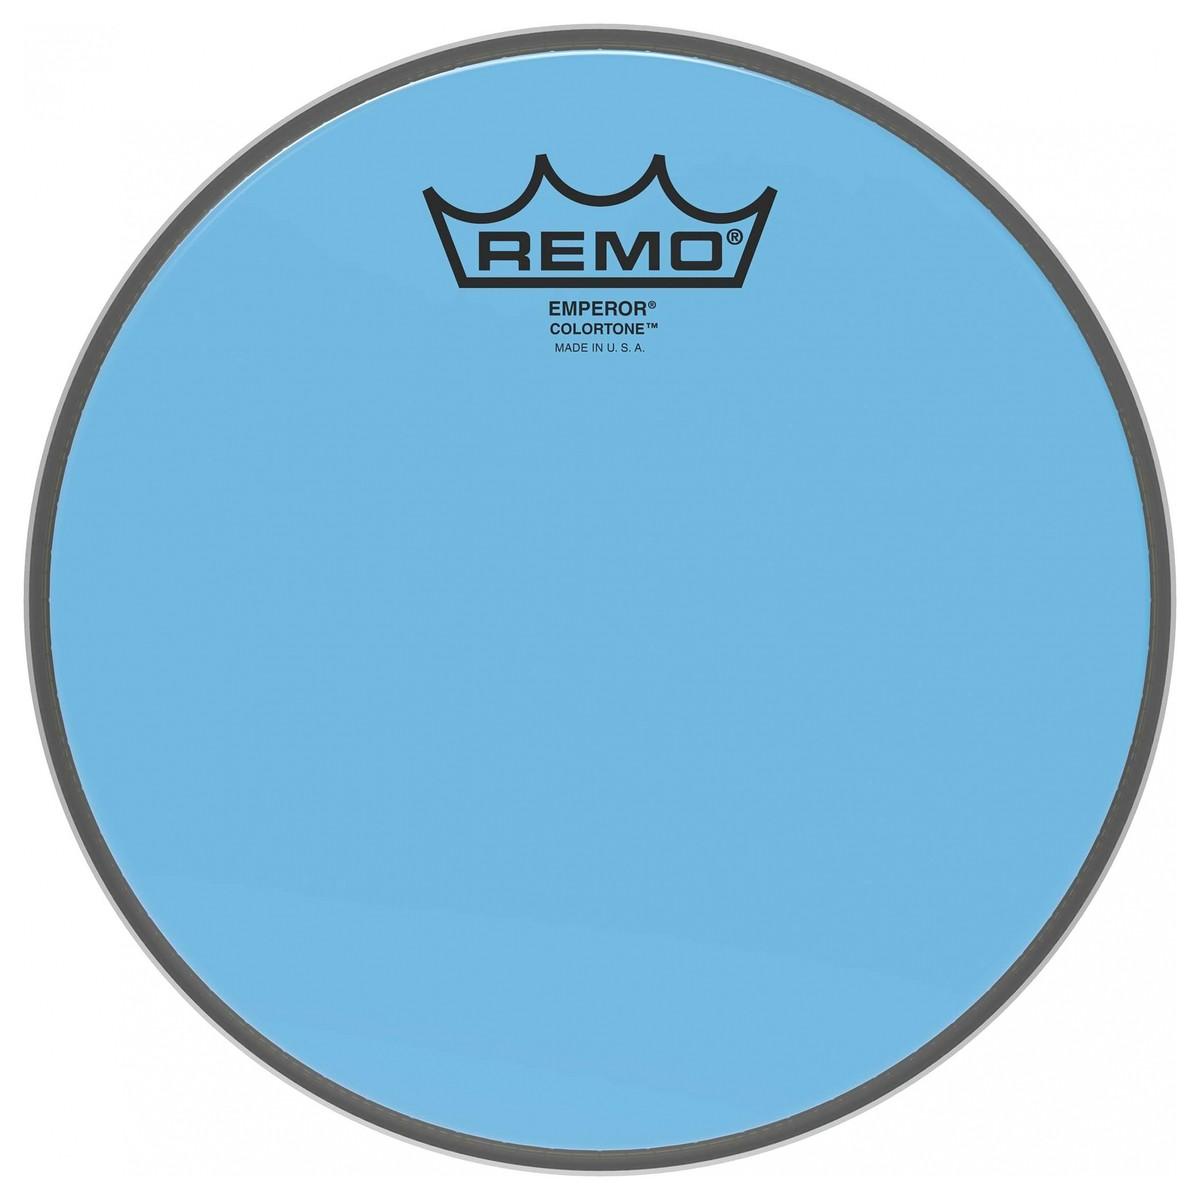 Remo Emperor Colortone Blue 16 Drum Head